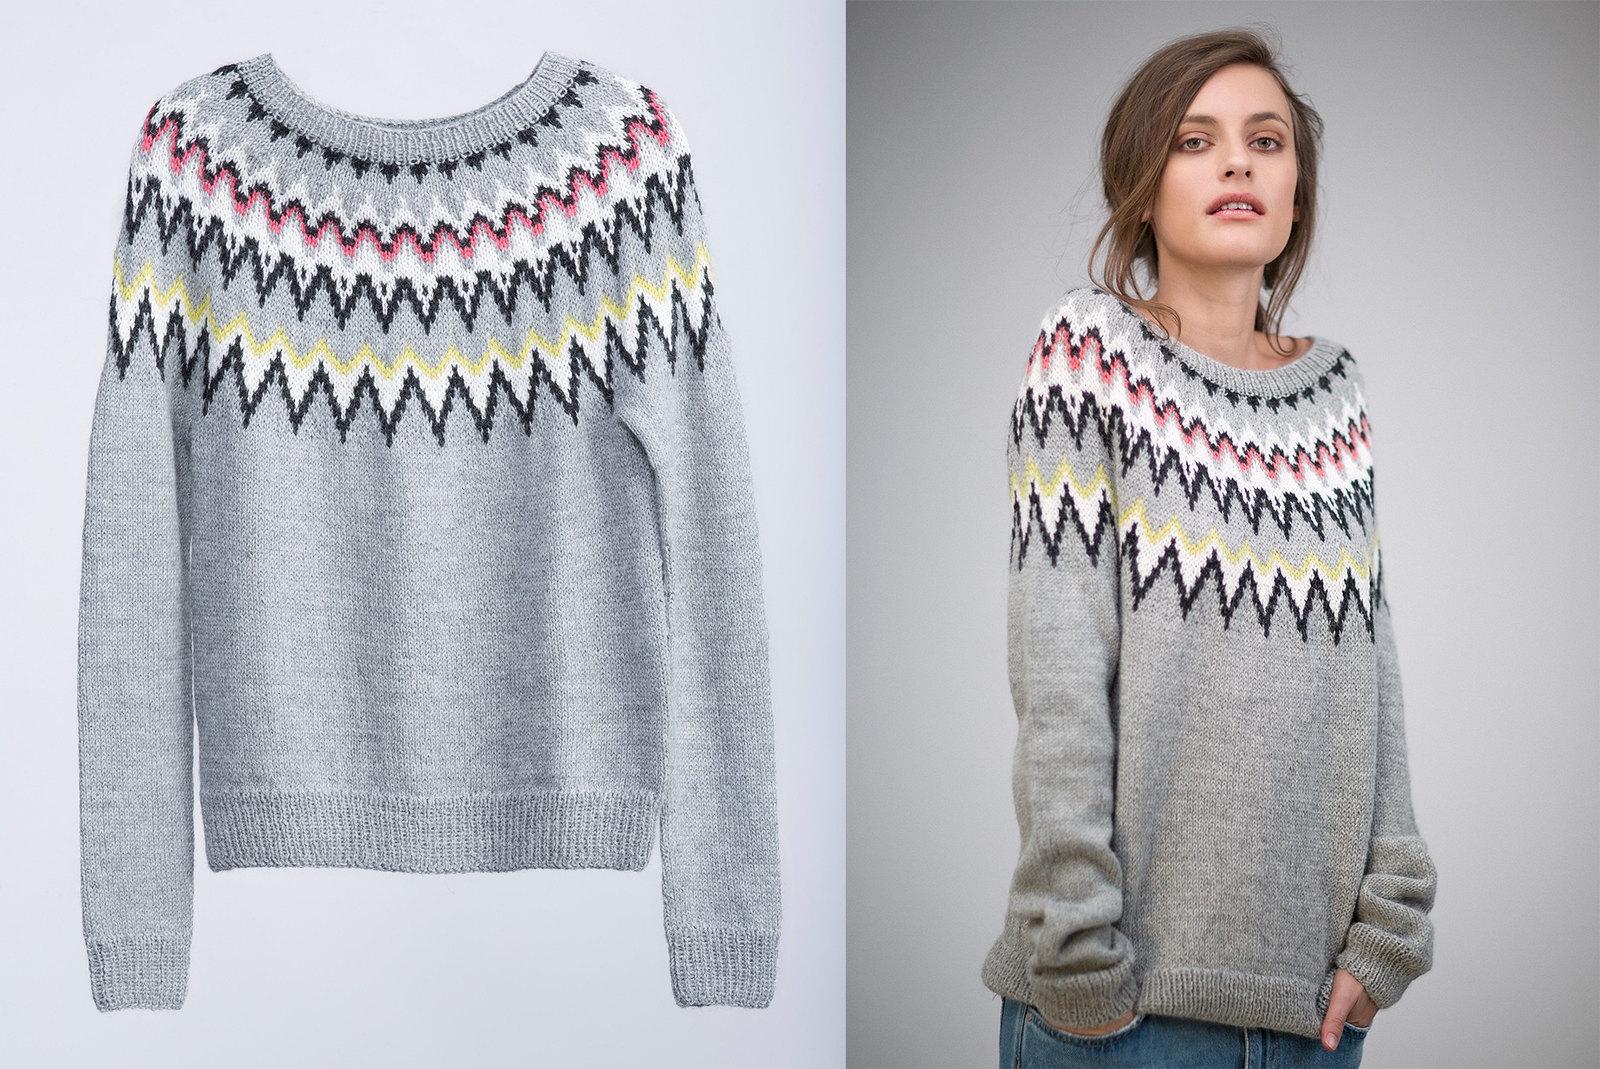 A W Knitwear Trends Geometric